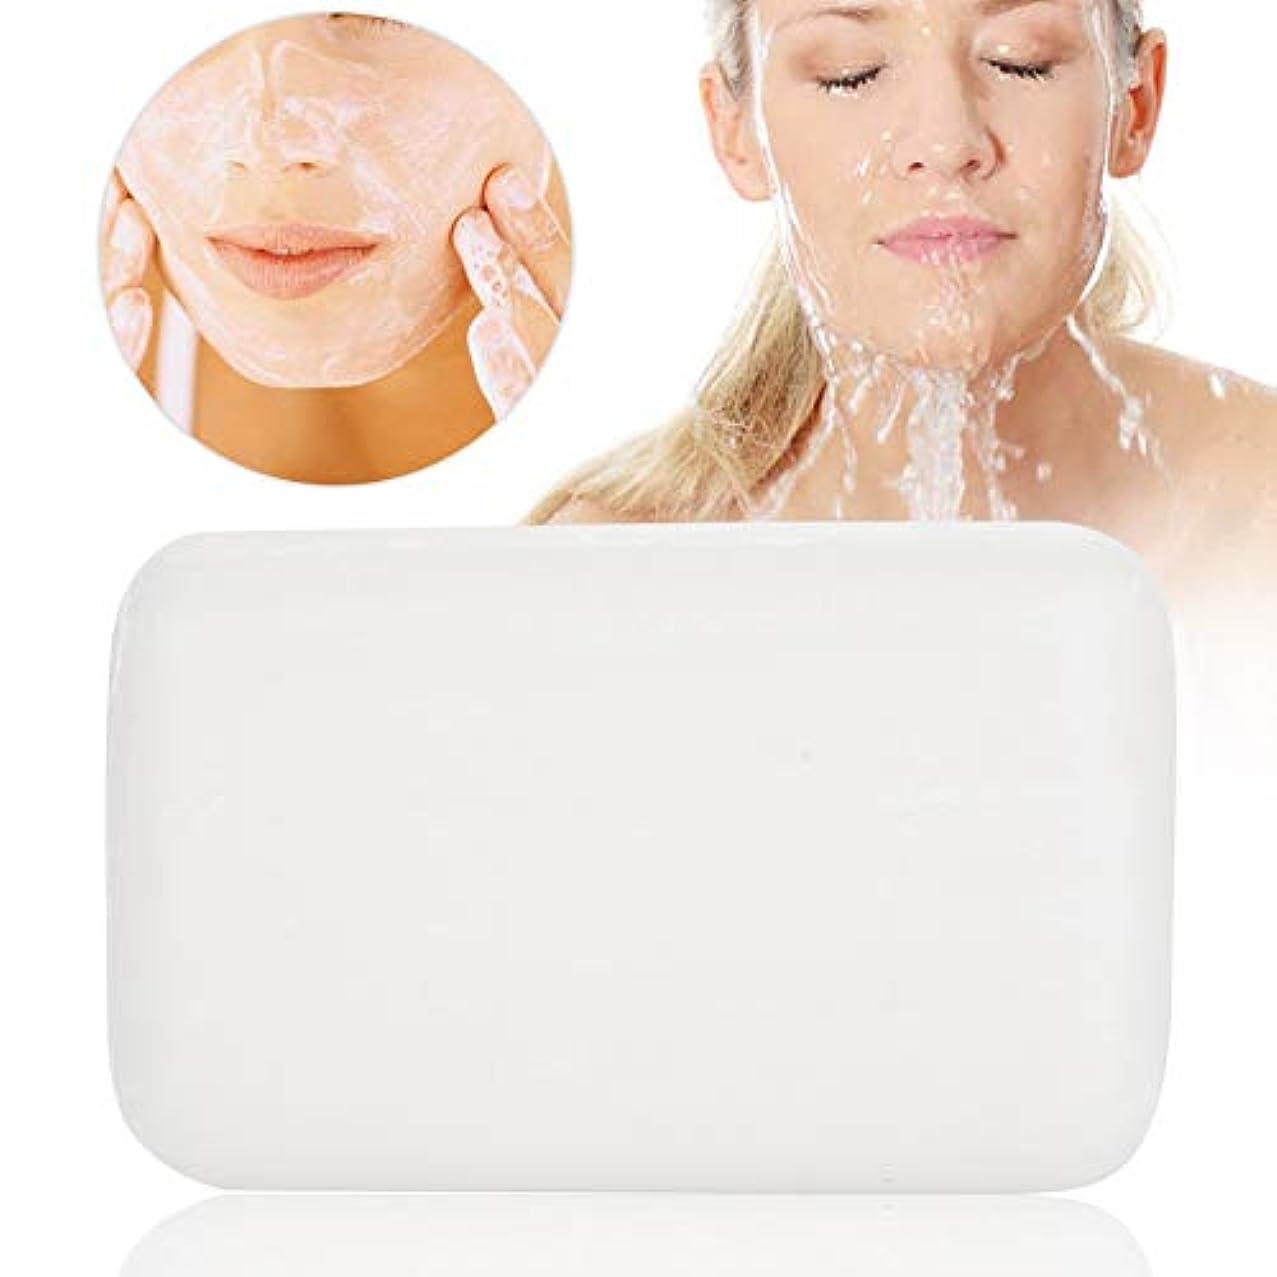 ファンネルウェブスパイダー重さハント洗顔石鹸 石鹸 シミ取り! 洗顔石けん 無添加 低刺激性 化粧石鹸(洗顔?全身用) せっけん バスサイズ